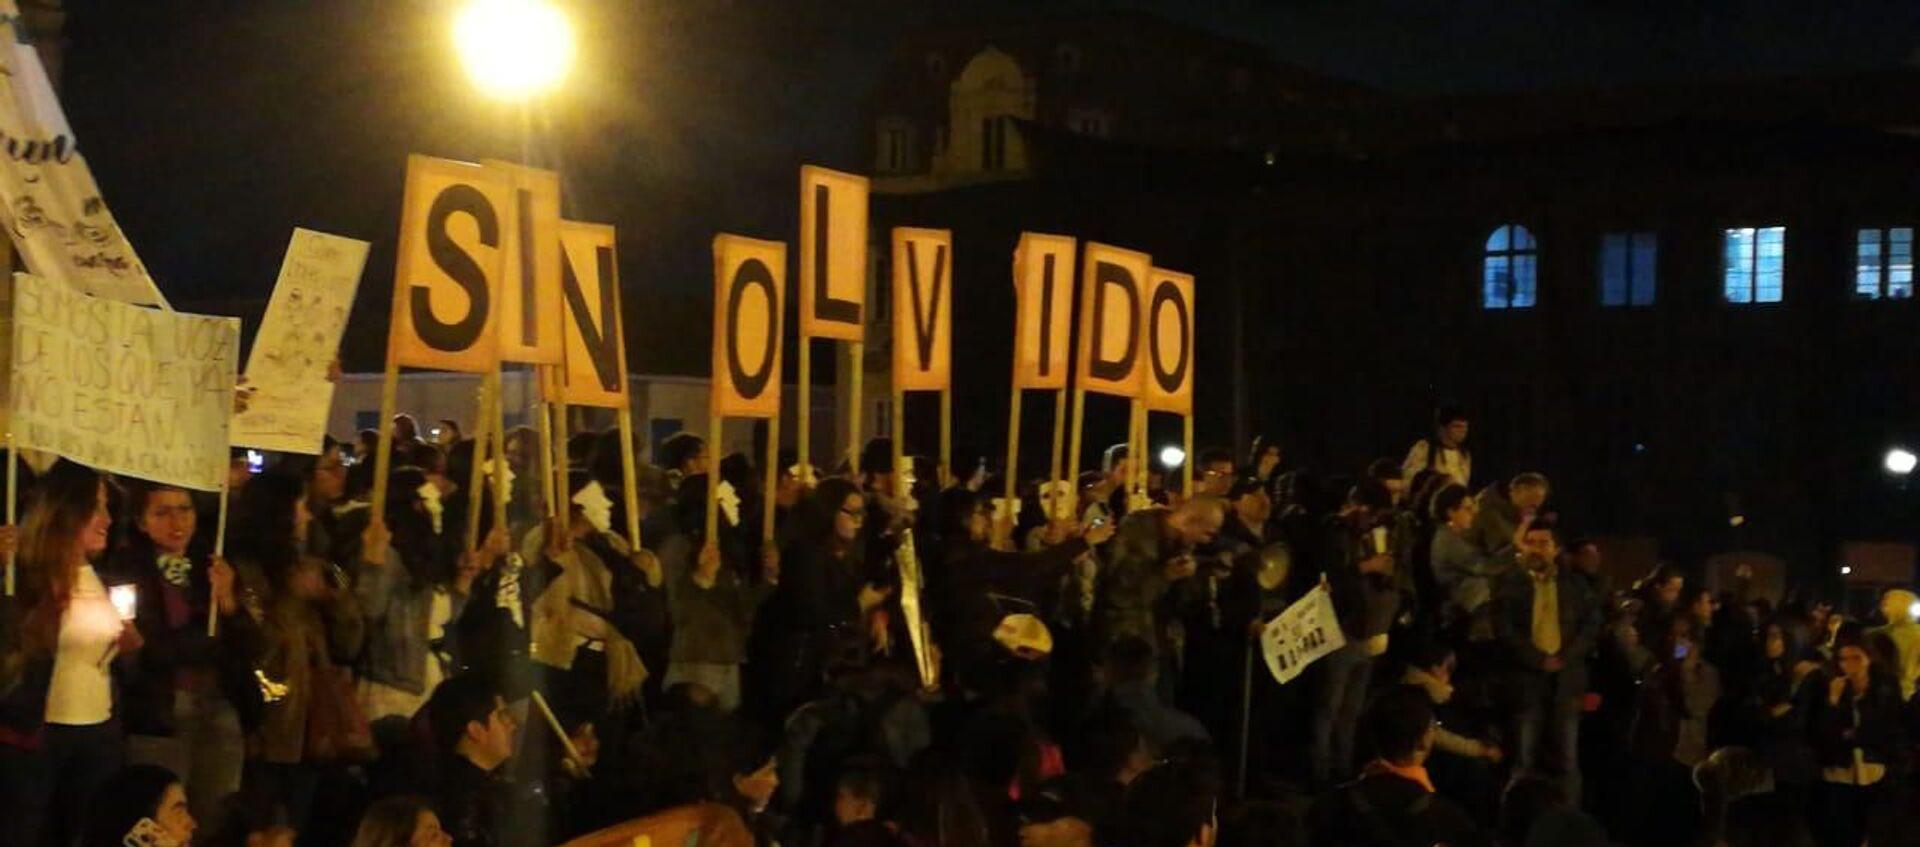 Protesta en Bogotá por los asesinatos de los líderes sociales en Colombia - Sputnik Mundo, 1920, 27.01.2021